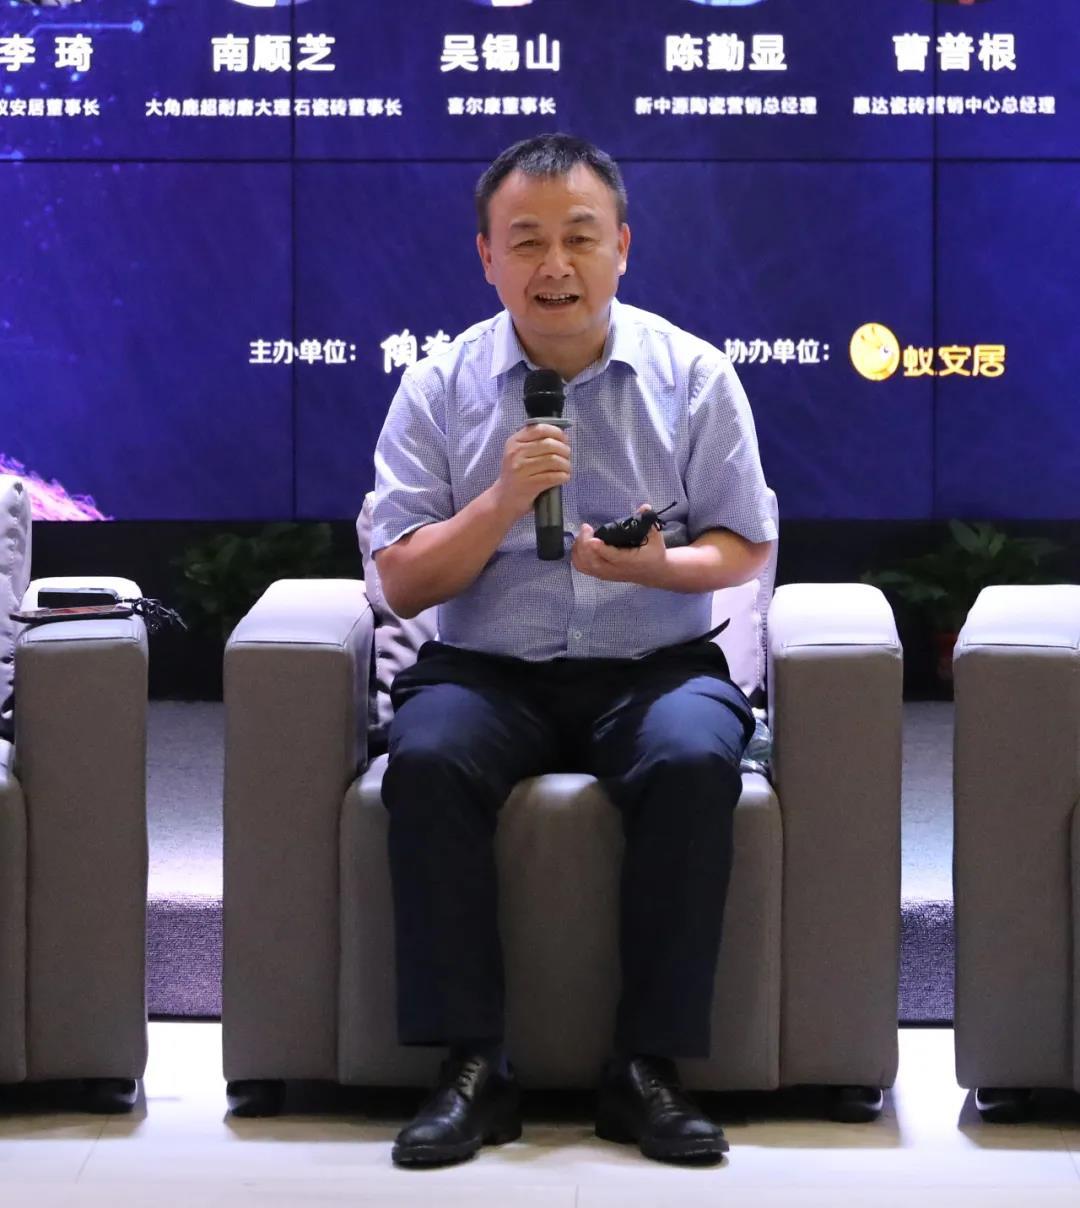 吴锡山:中国智能卫浴论坛结束后,智慧防疫卫生间订单